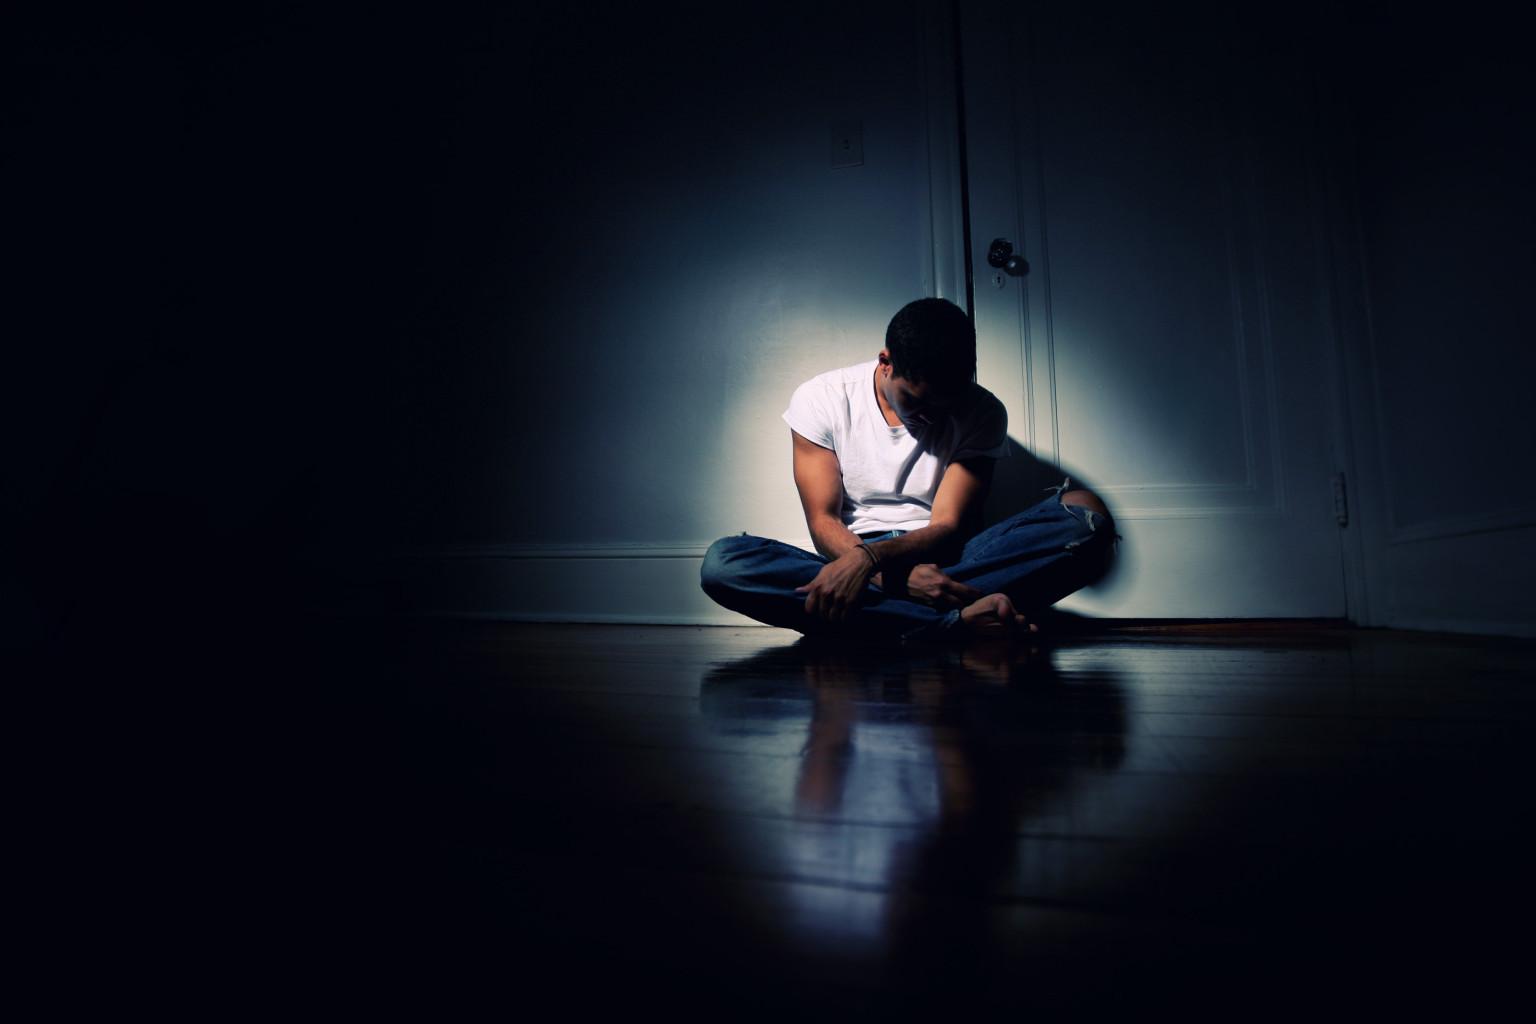 نتيجة بحث الصور عن الاكتئاب